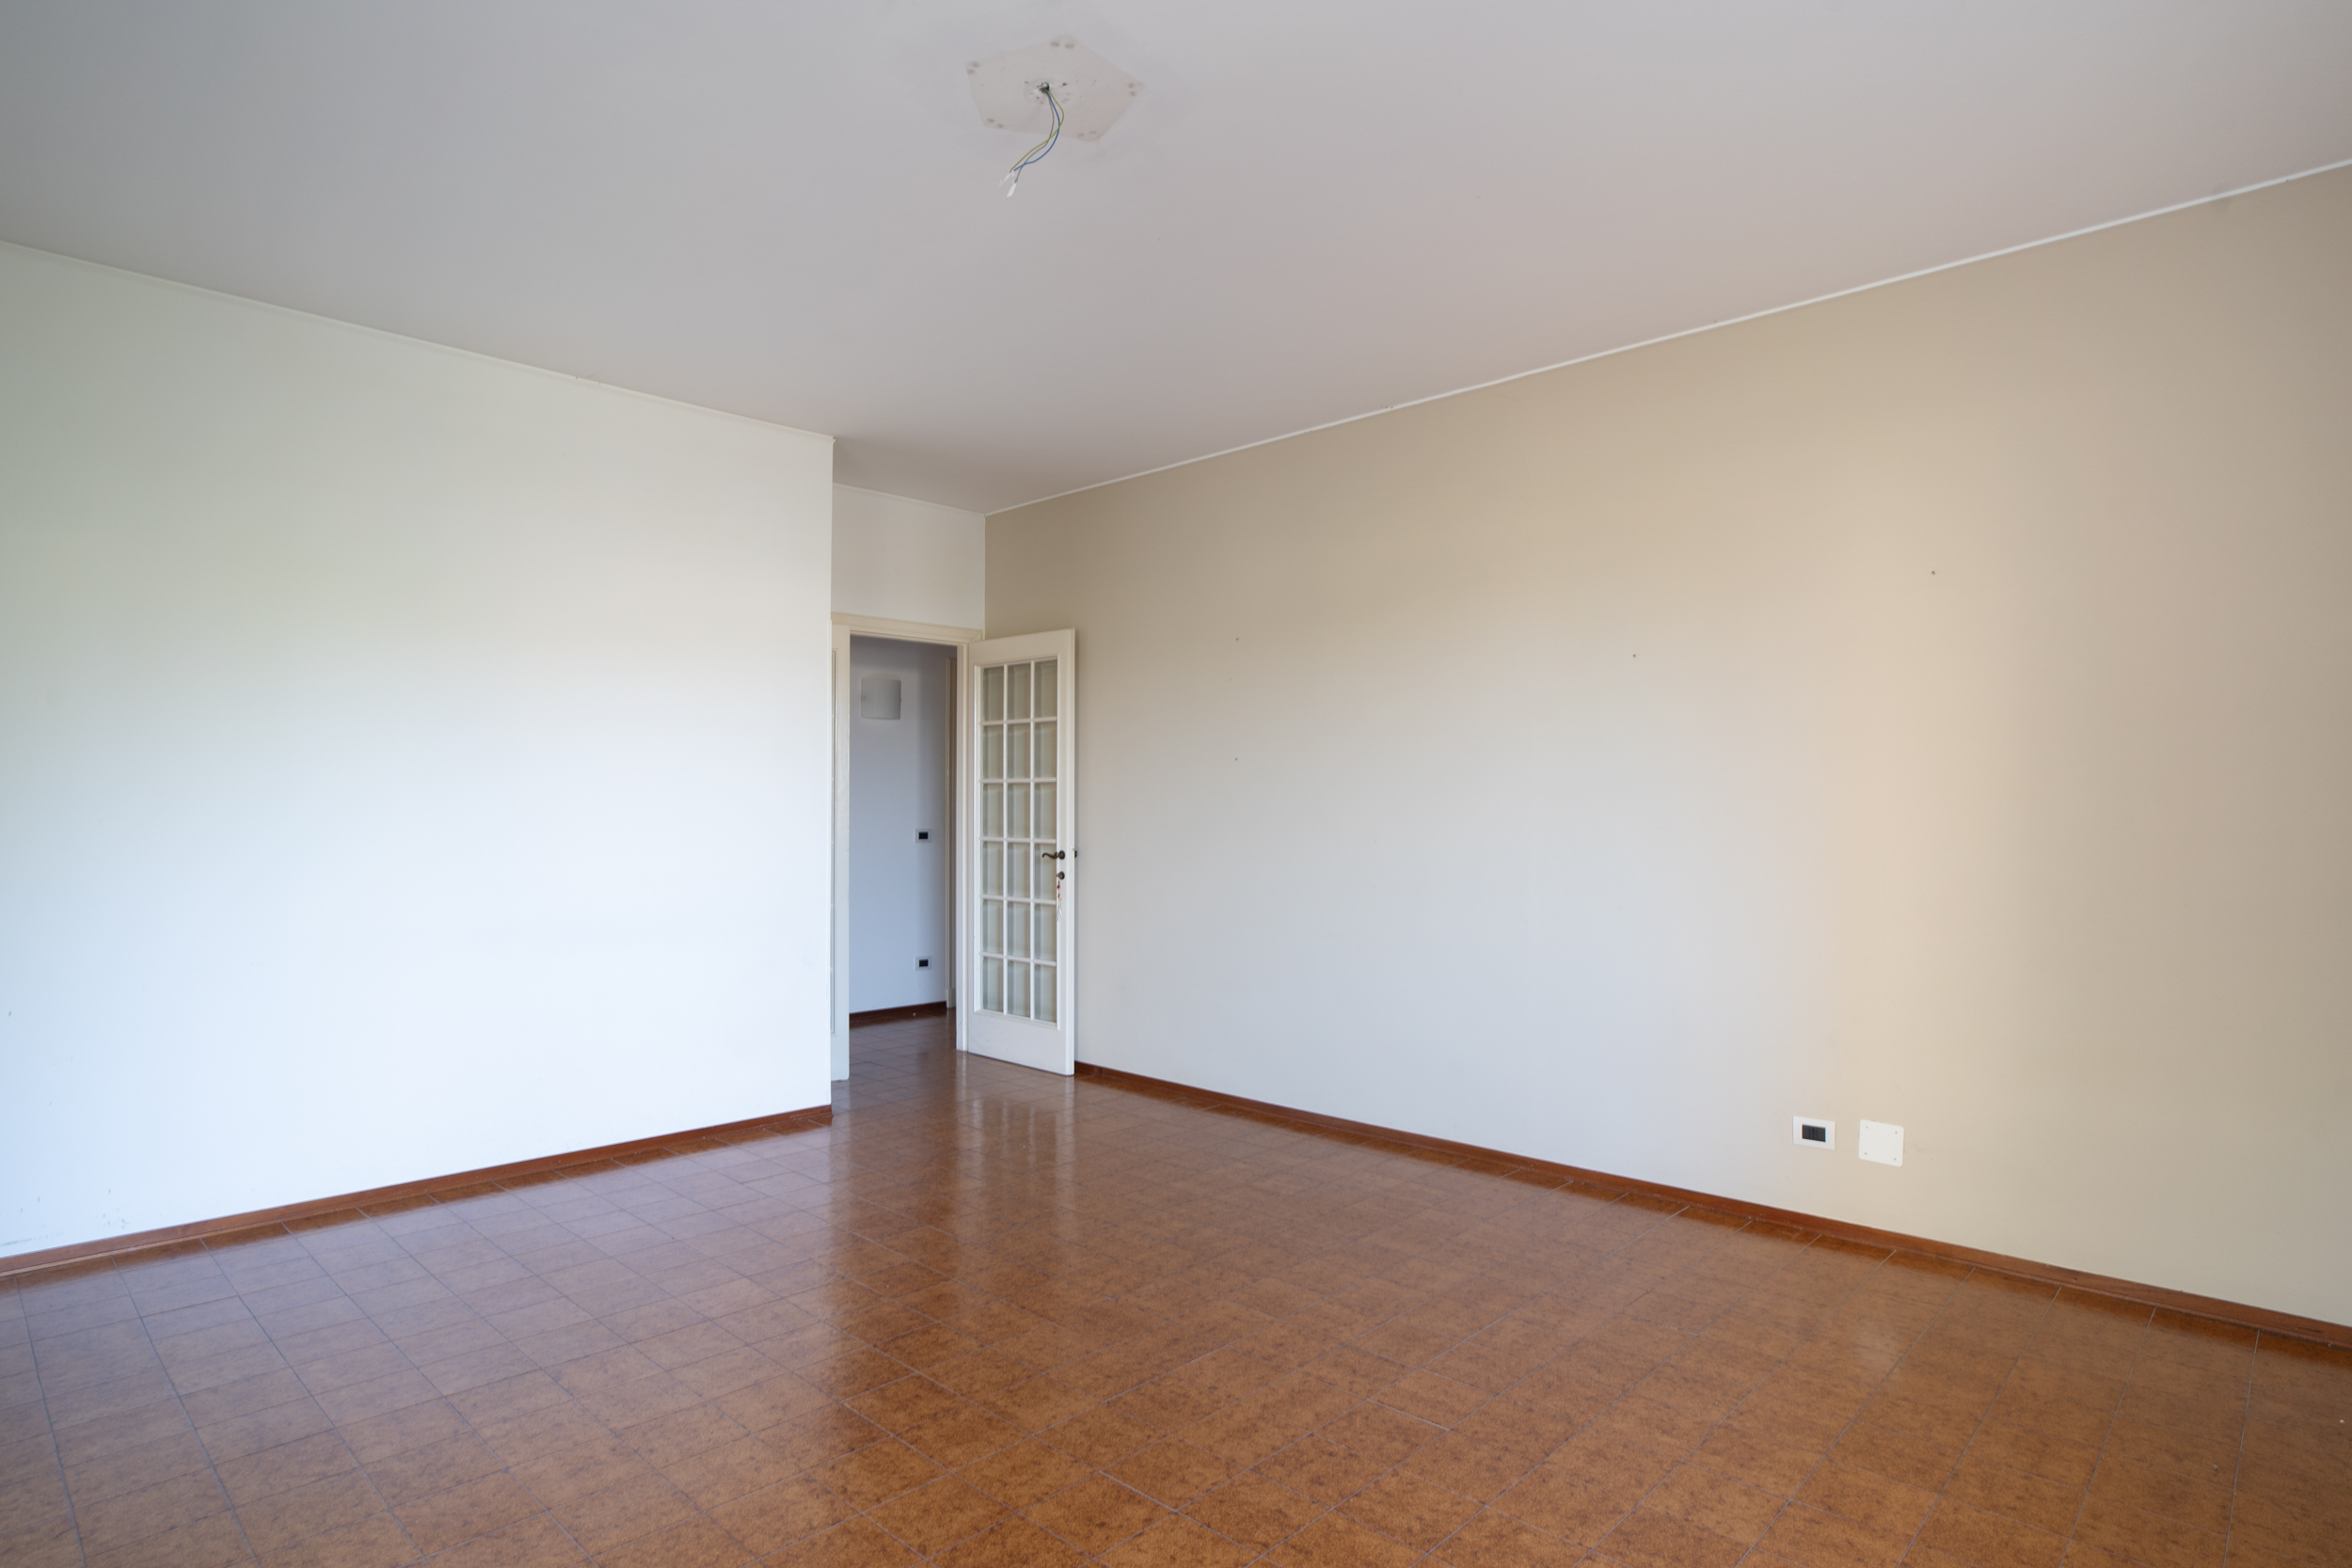 Condominio HAITI Sanremo (IM) Via Capinera, 20